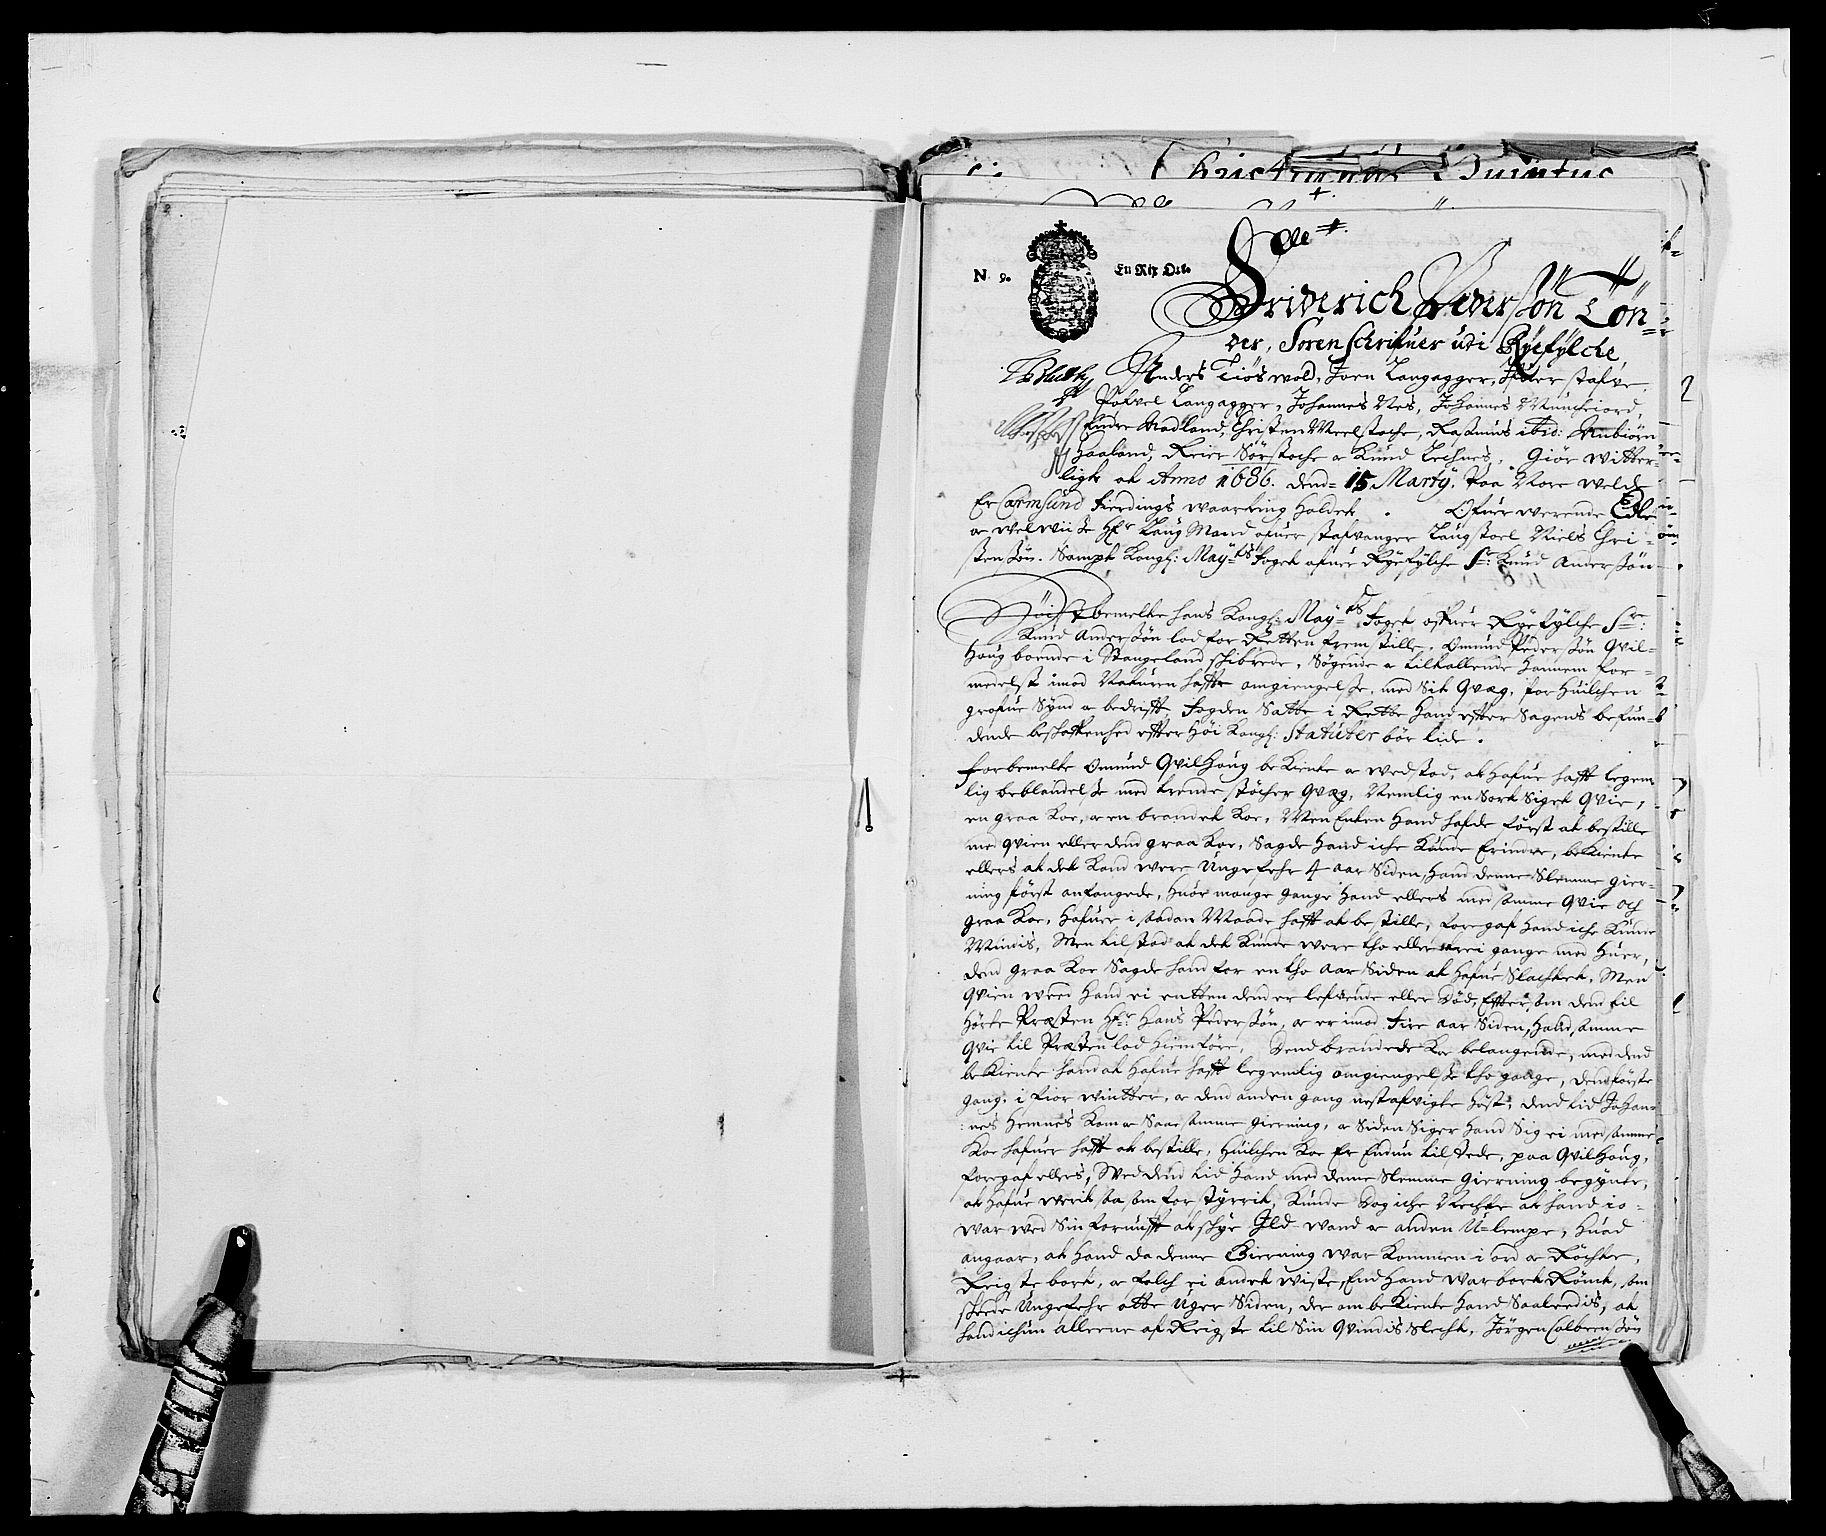 RA, Rentekammeret inntil 1814, Reviderte regnskaper, Fogderegnskap, R47/L2855: Fogderegnskap Ryfylke, 1685-1688, s. 211